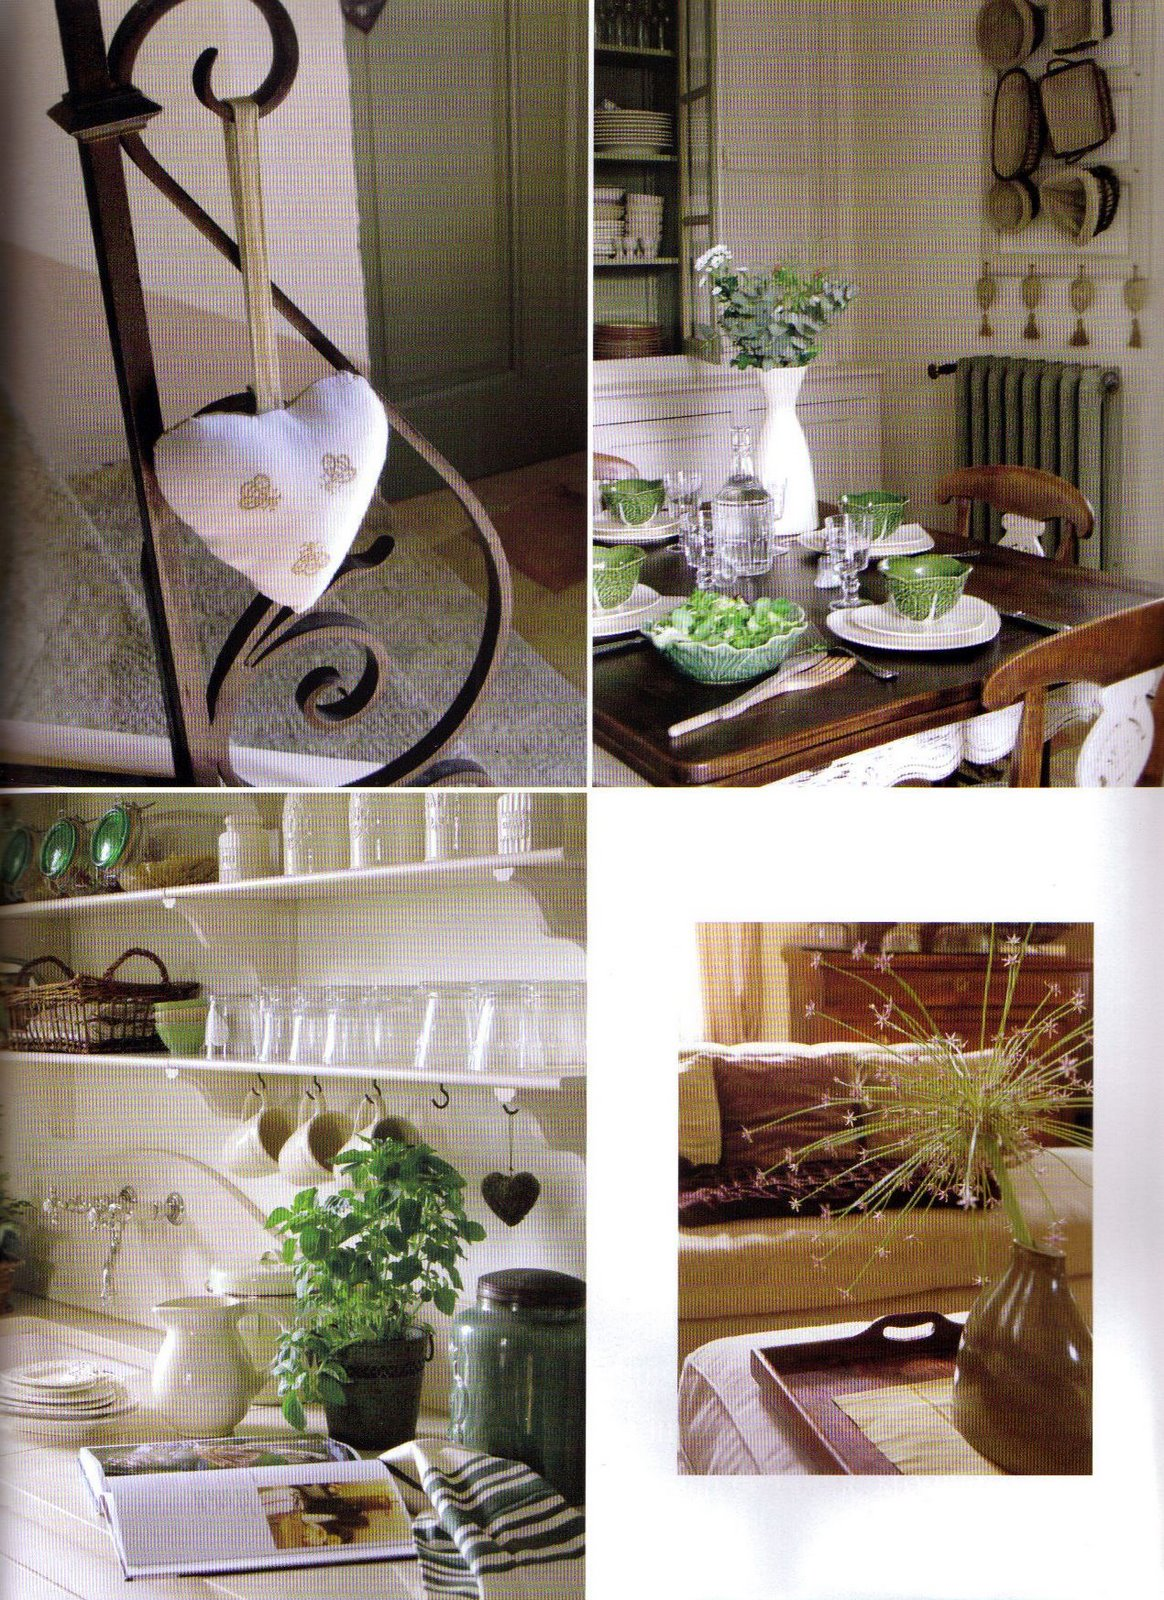 Cuisine et détails du salon maison d'hôtes un Cœur très Nature